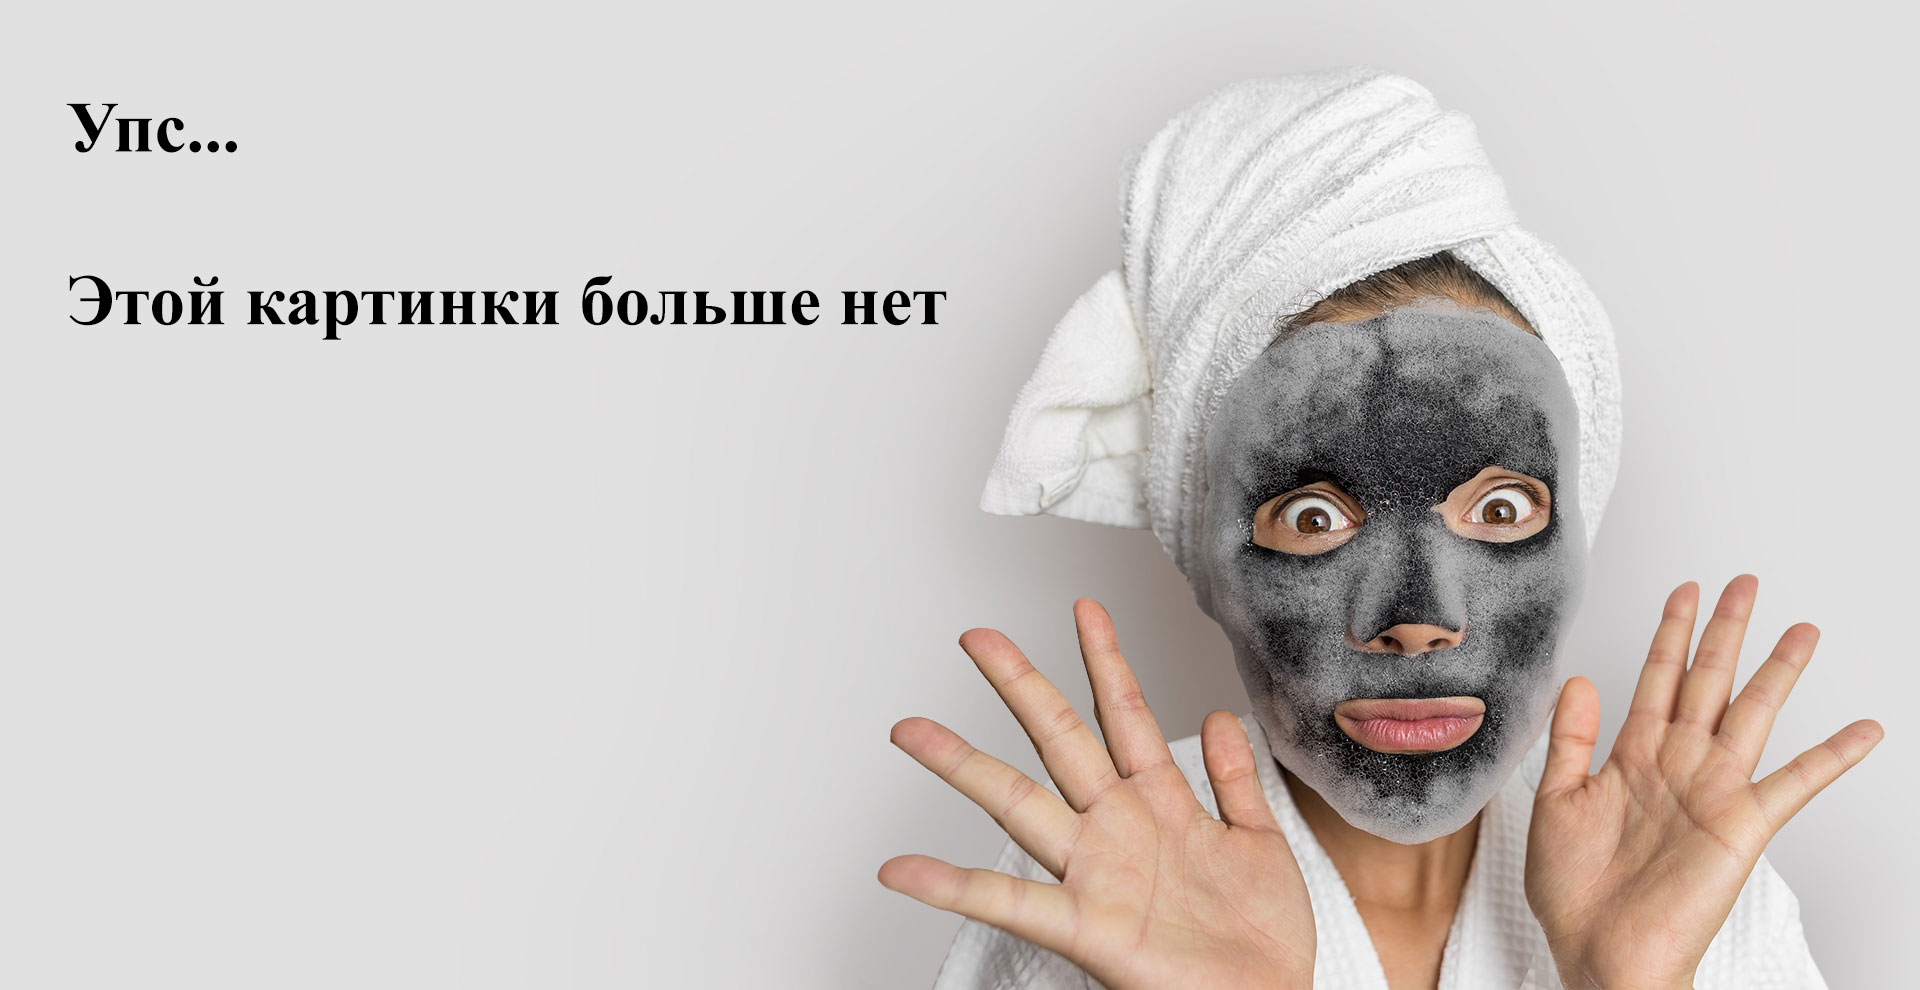 TM ChocoLatte, Крем для лица Суфле сливочное, 50 мл